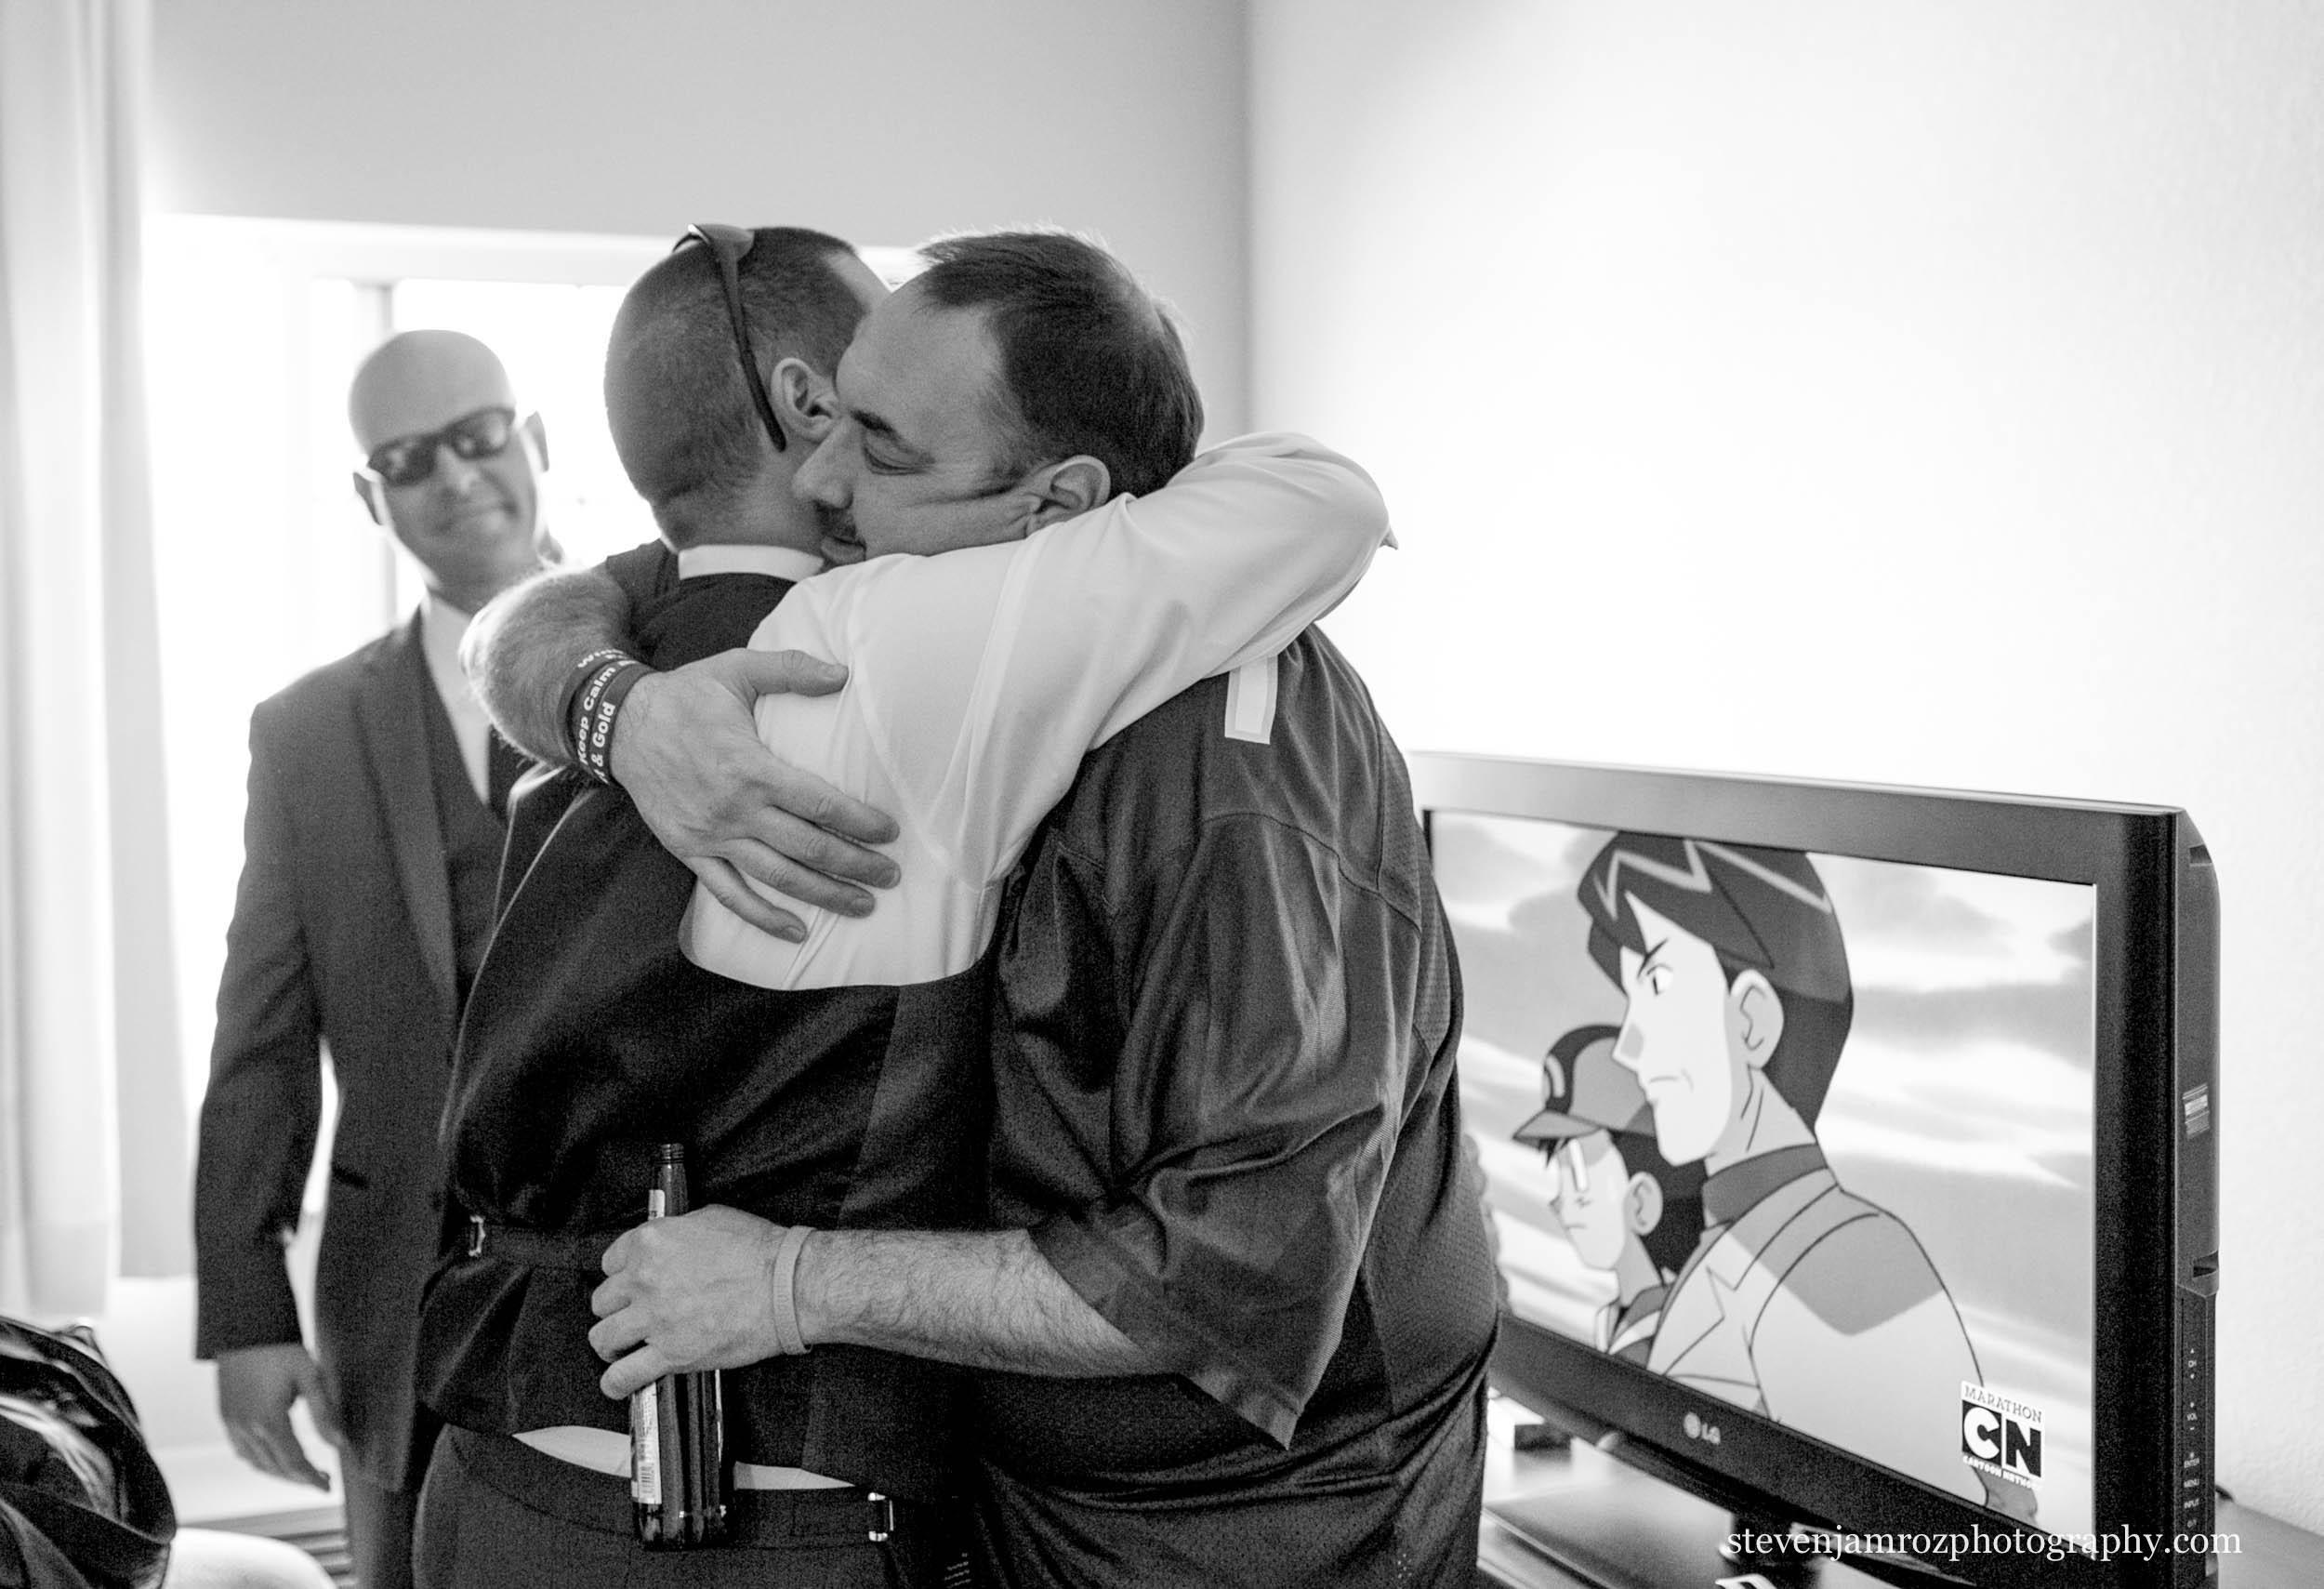 best-man-hugs-groomsman-before-wedding-0836.jpg